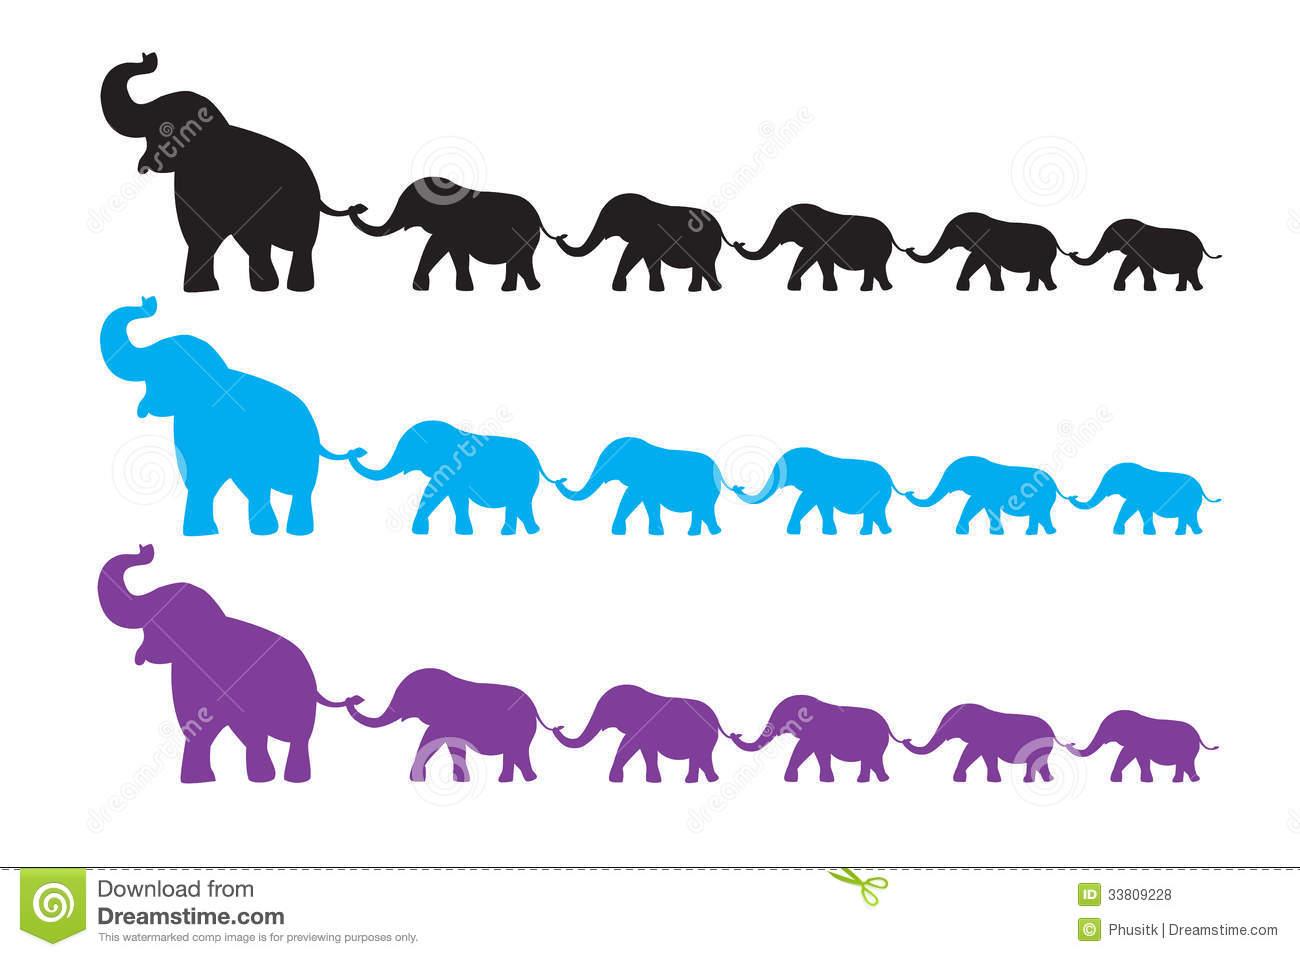 Elephants Walking In A Line Clipart.